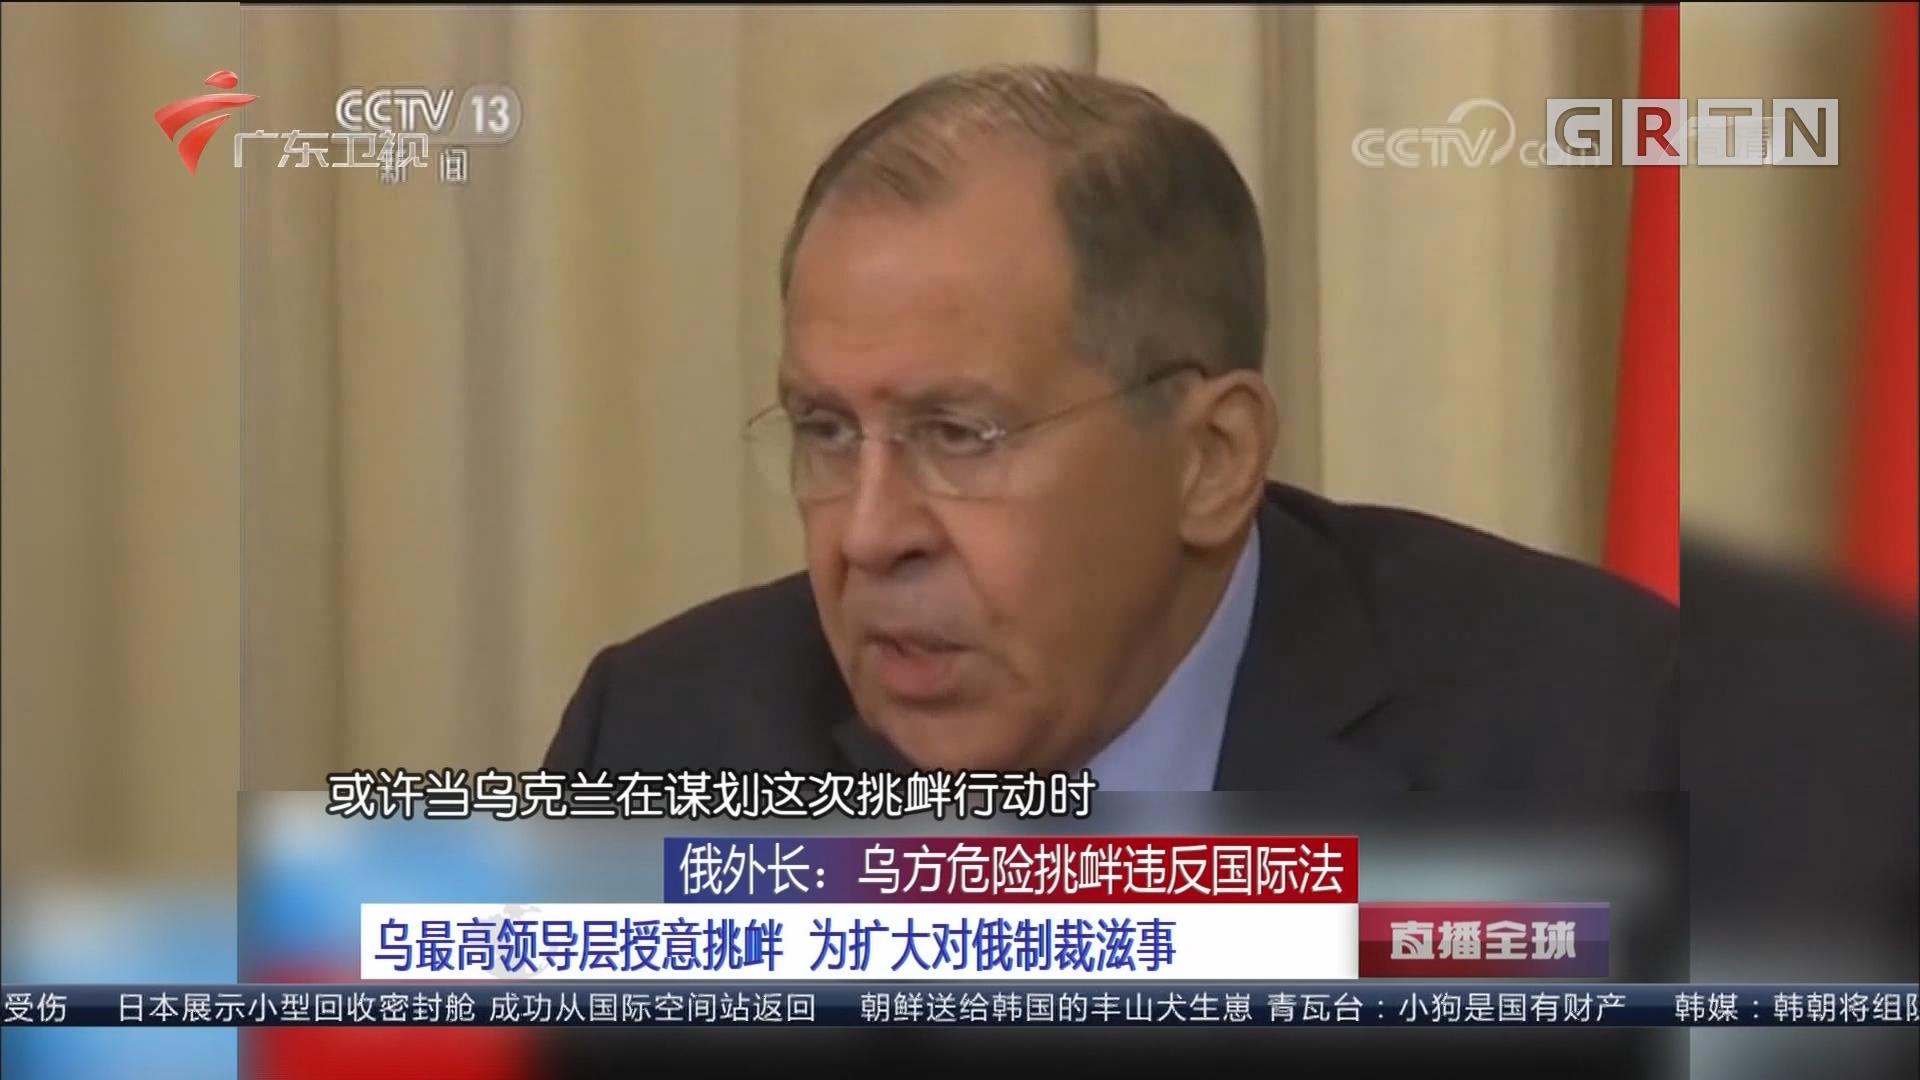 俄外长:乌方危险挑衅违反国际法 乌最高领导层授意挑衅 为扩大对俄制裁滋事